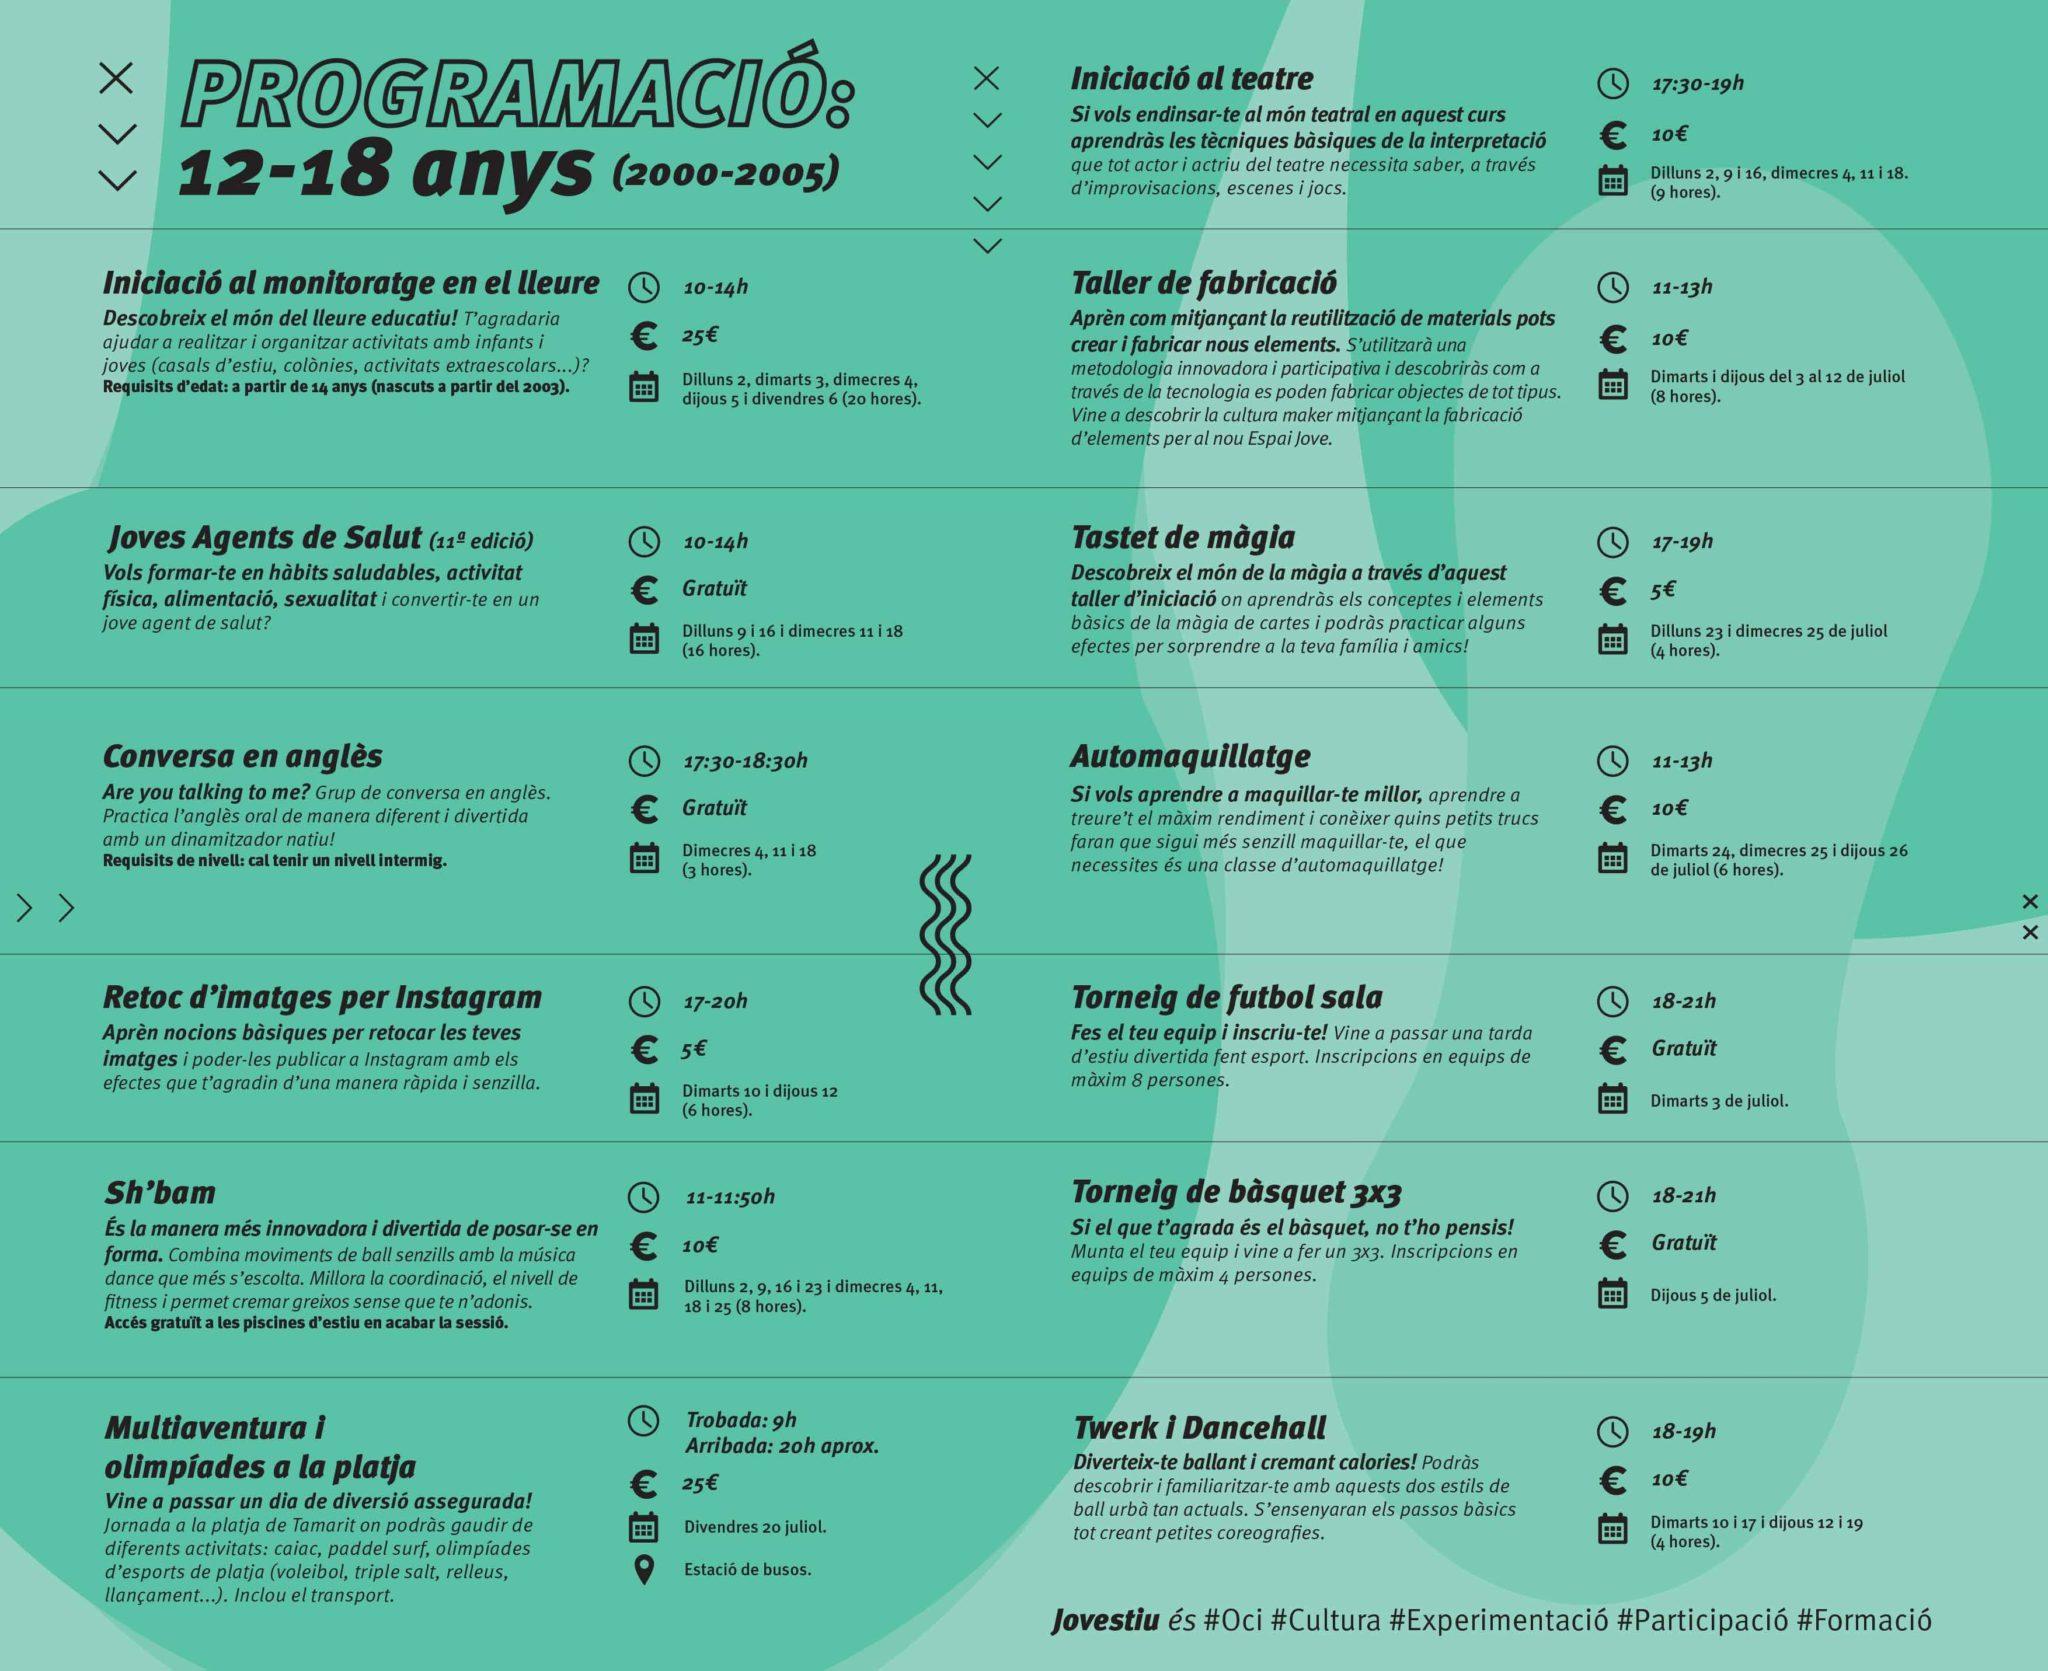 Programacio-12-18-anys-Jovestiu-Disculpi-Studio-Vilafranca-del-Penedes